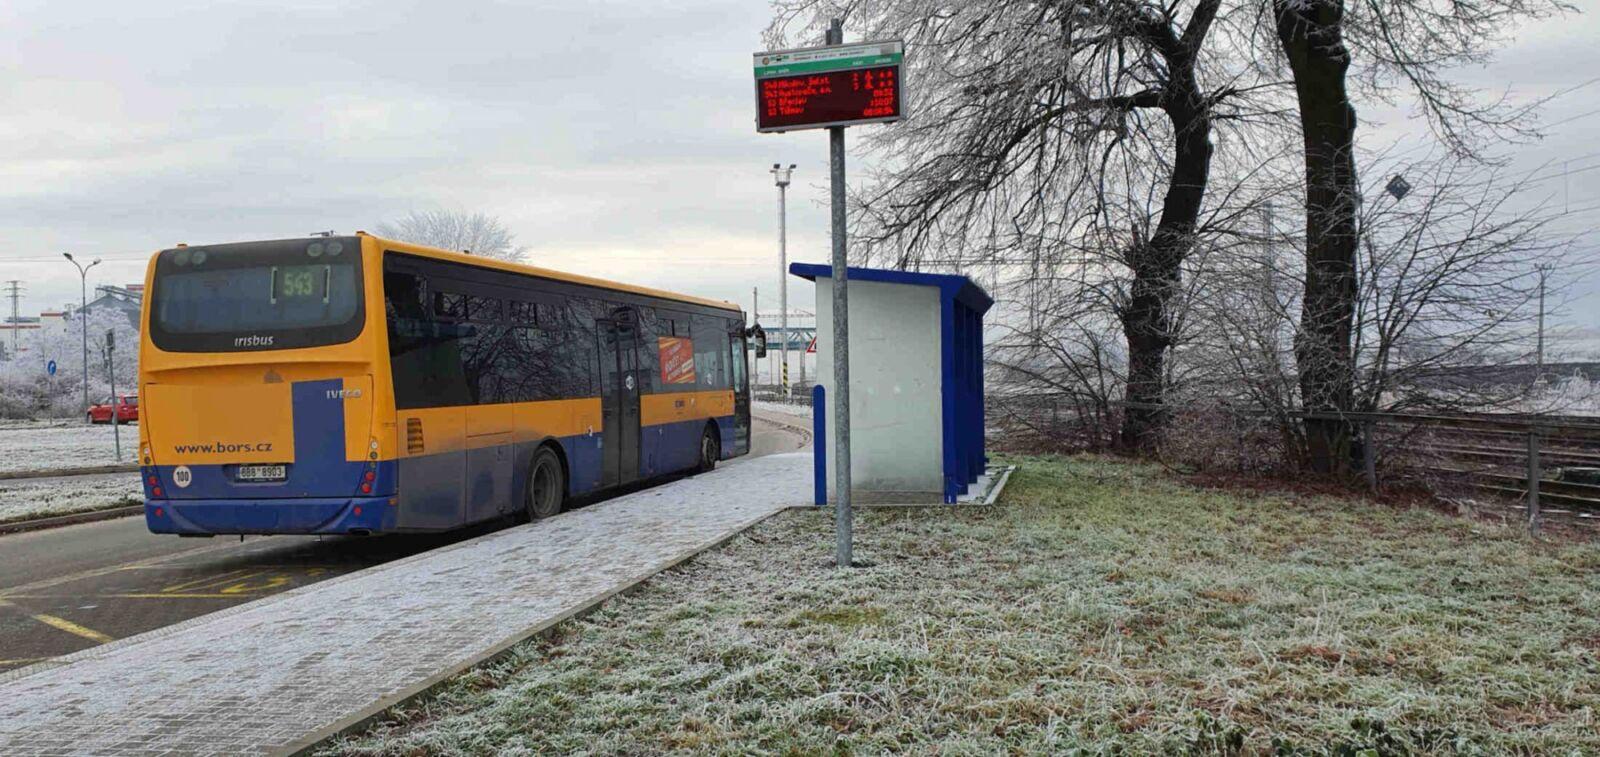 Šakvice autobusová zastávka